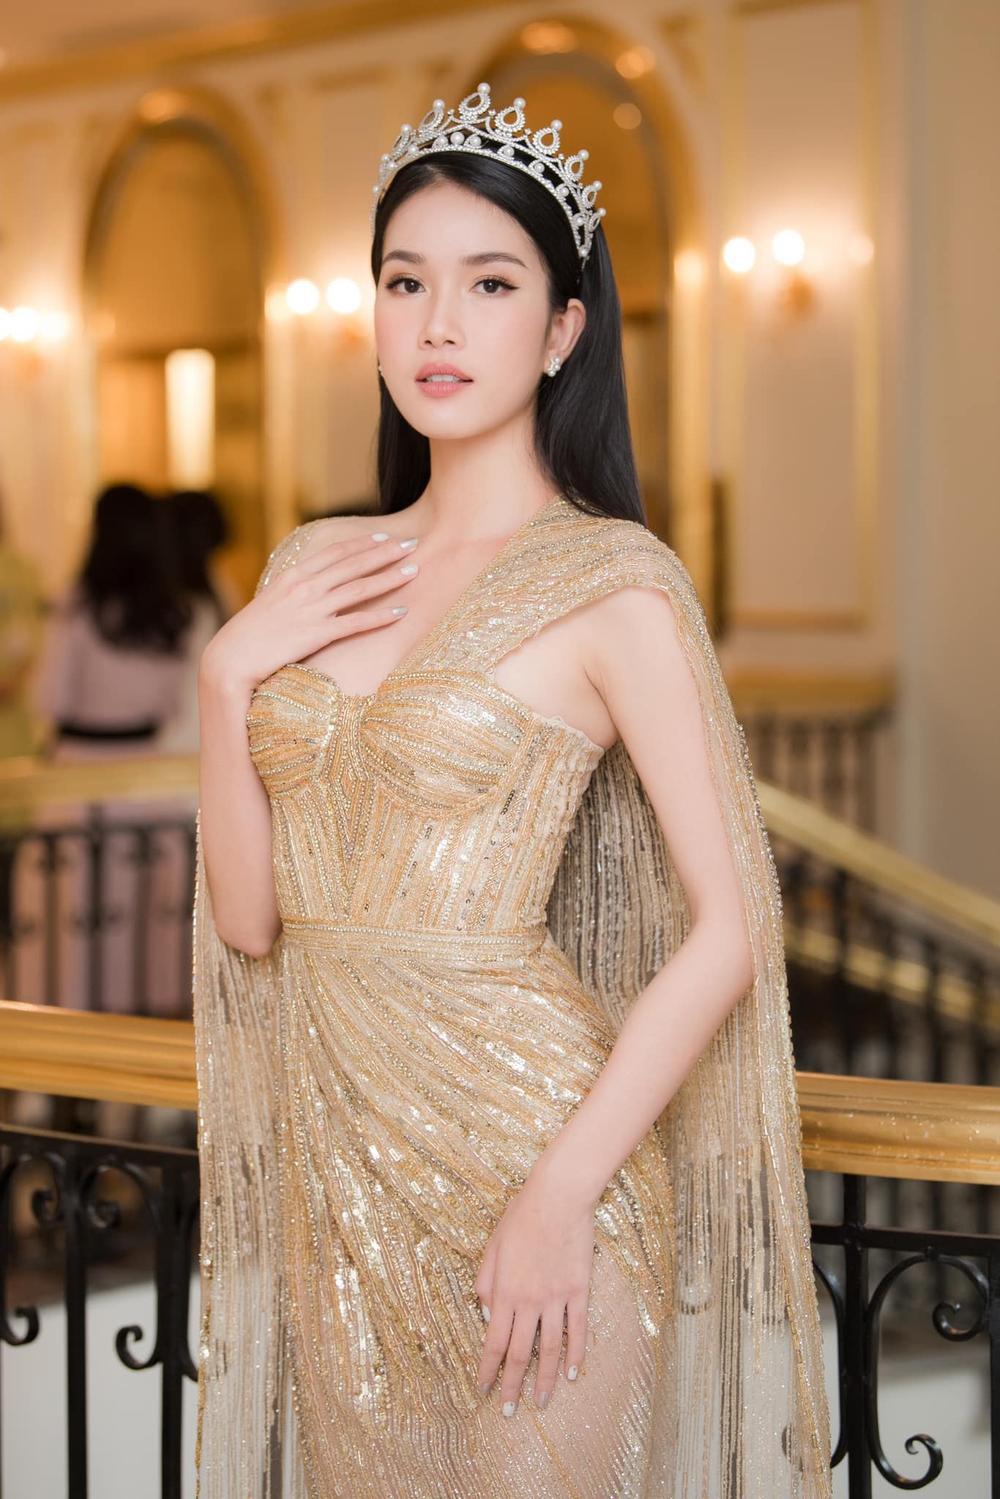 Á hậu Phương Anh đẹp vượt mặt chị đại Thanh Hằng dù đã sửa kết cấu váy, bộ đầm tạo kỉ lục mới! Ảnh 3